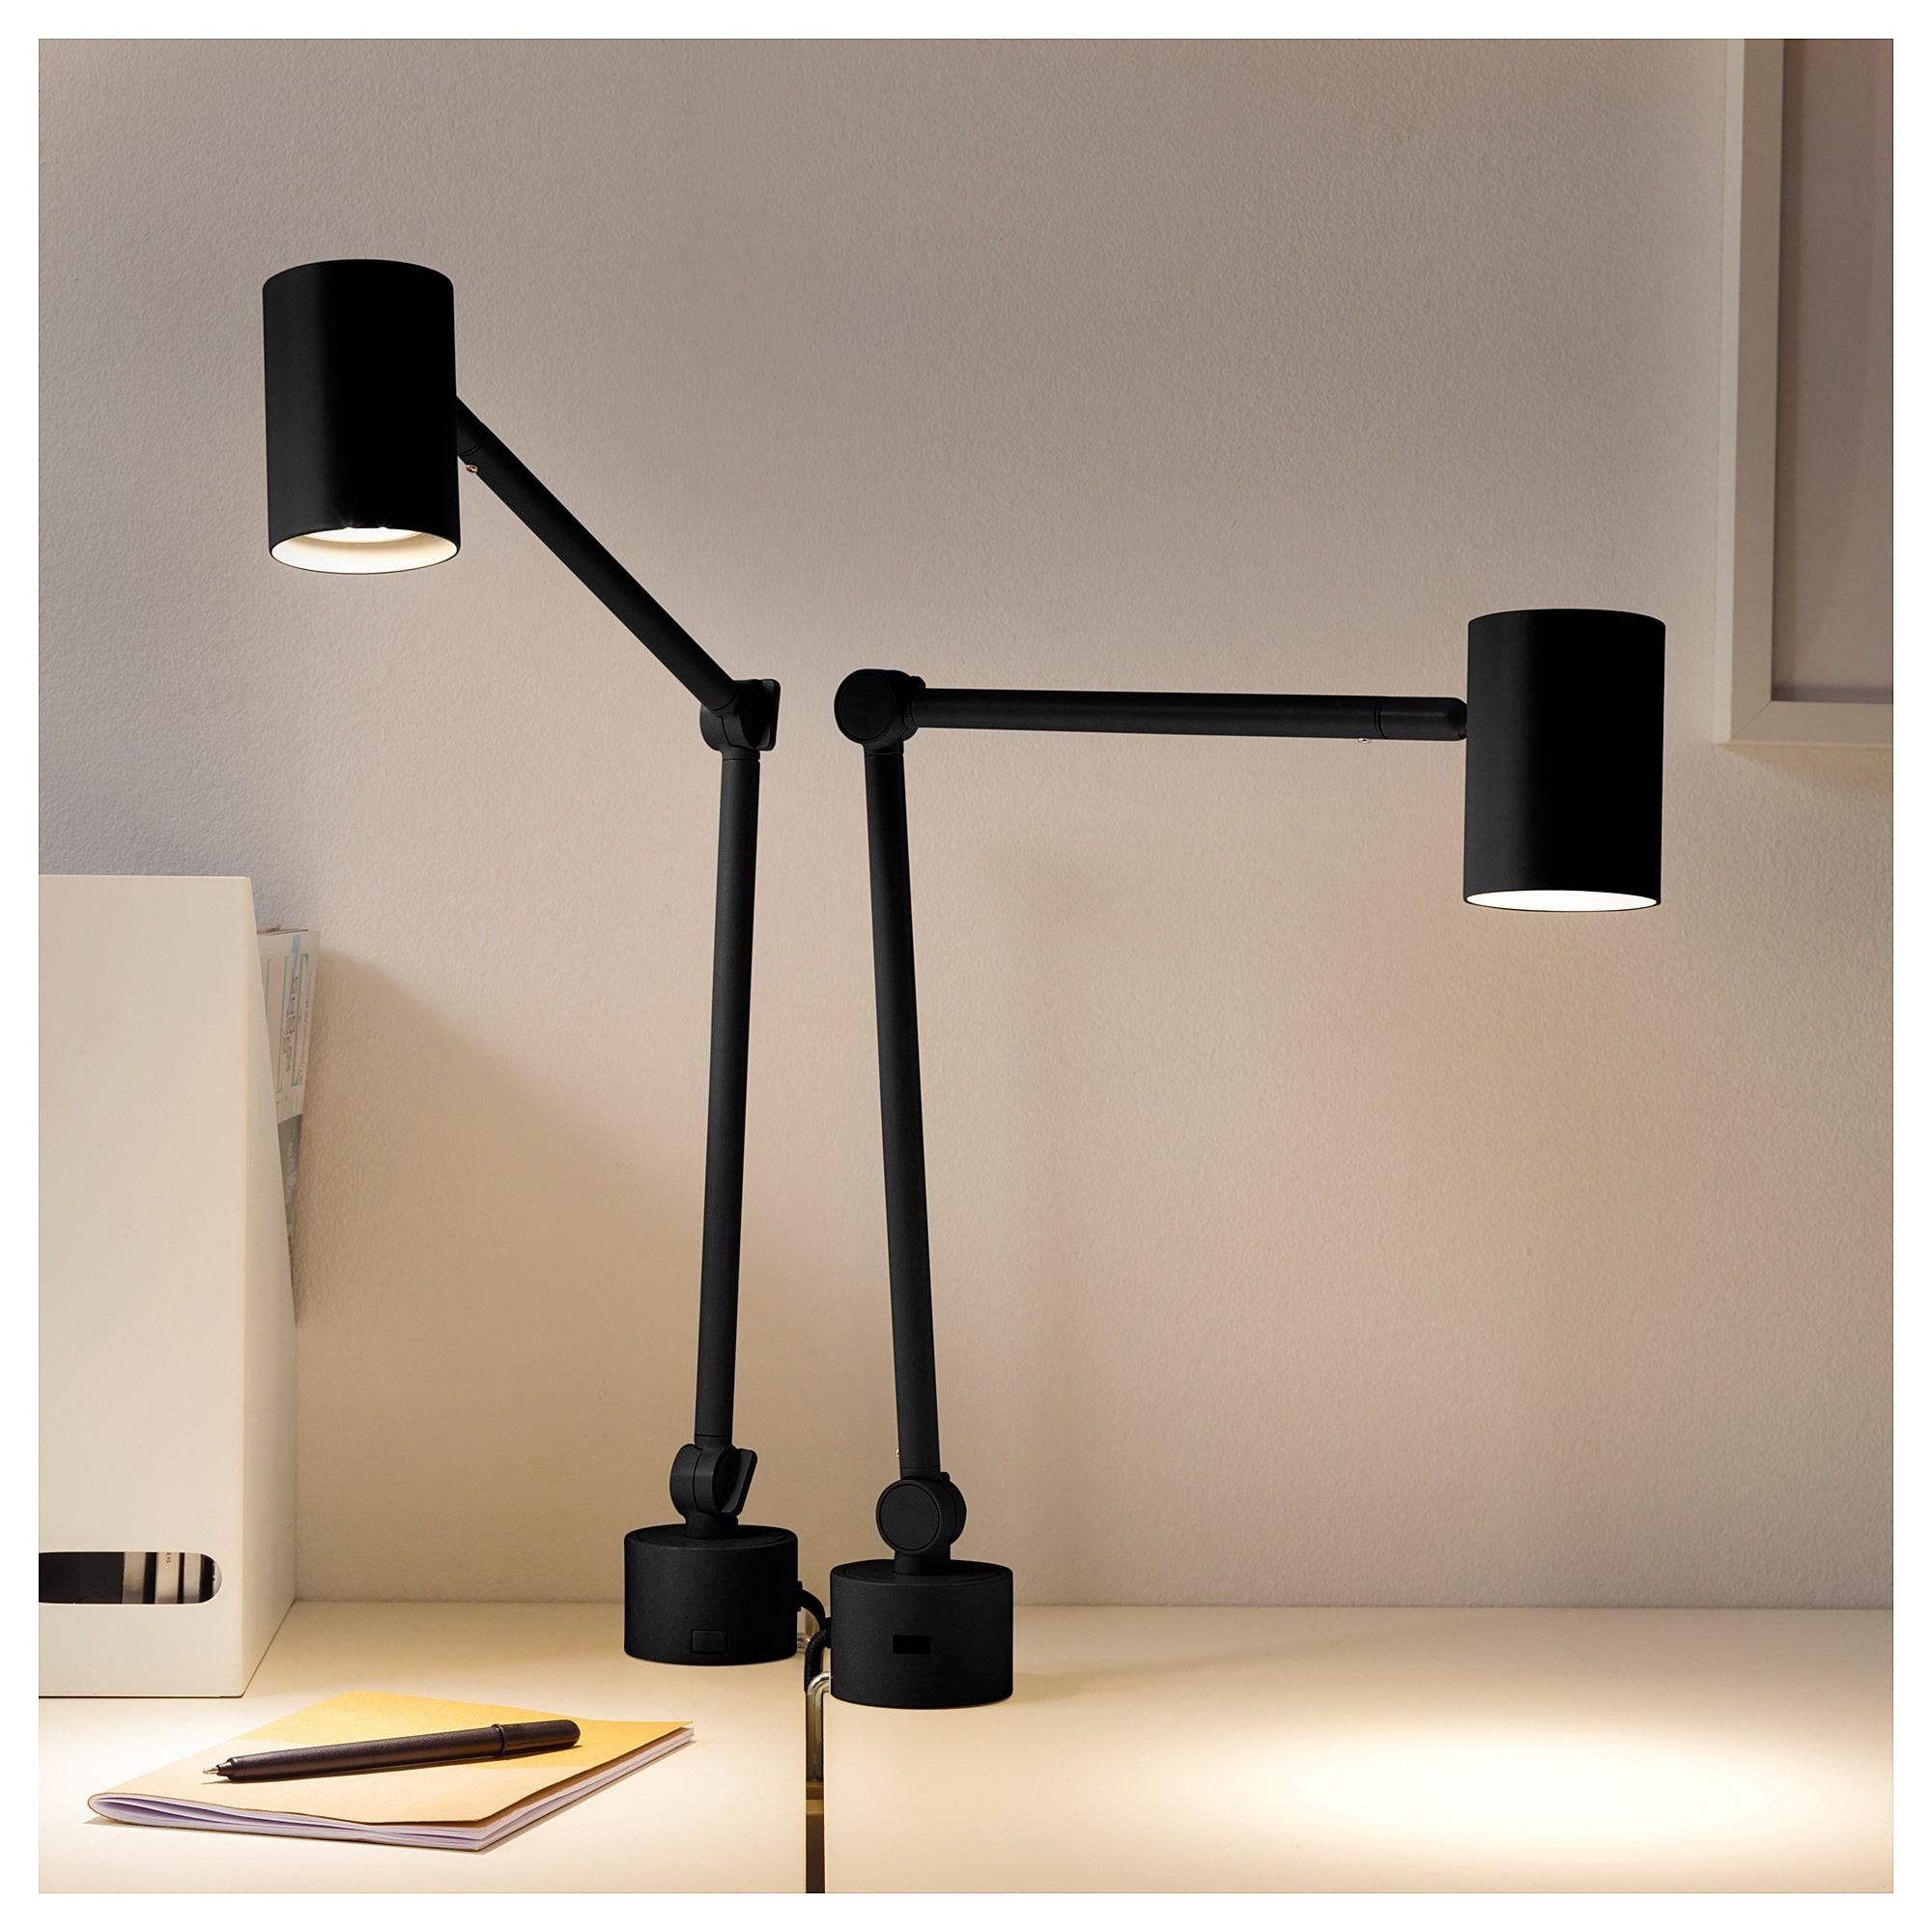 Nymane Arbeits Wandleuchte Anthrazit Ikea Osterreich Wandlampe Lampe Wandleuchte